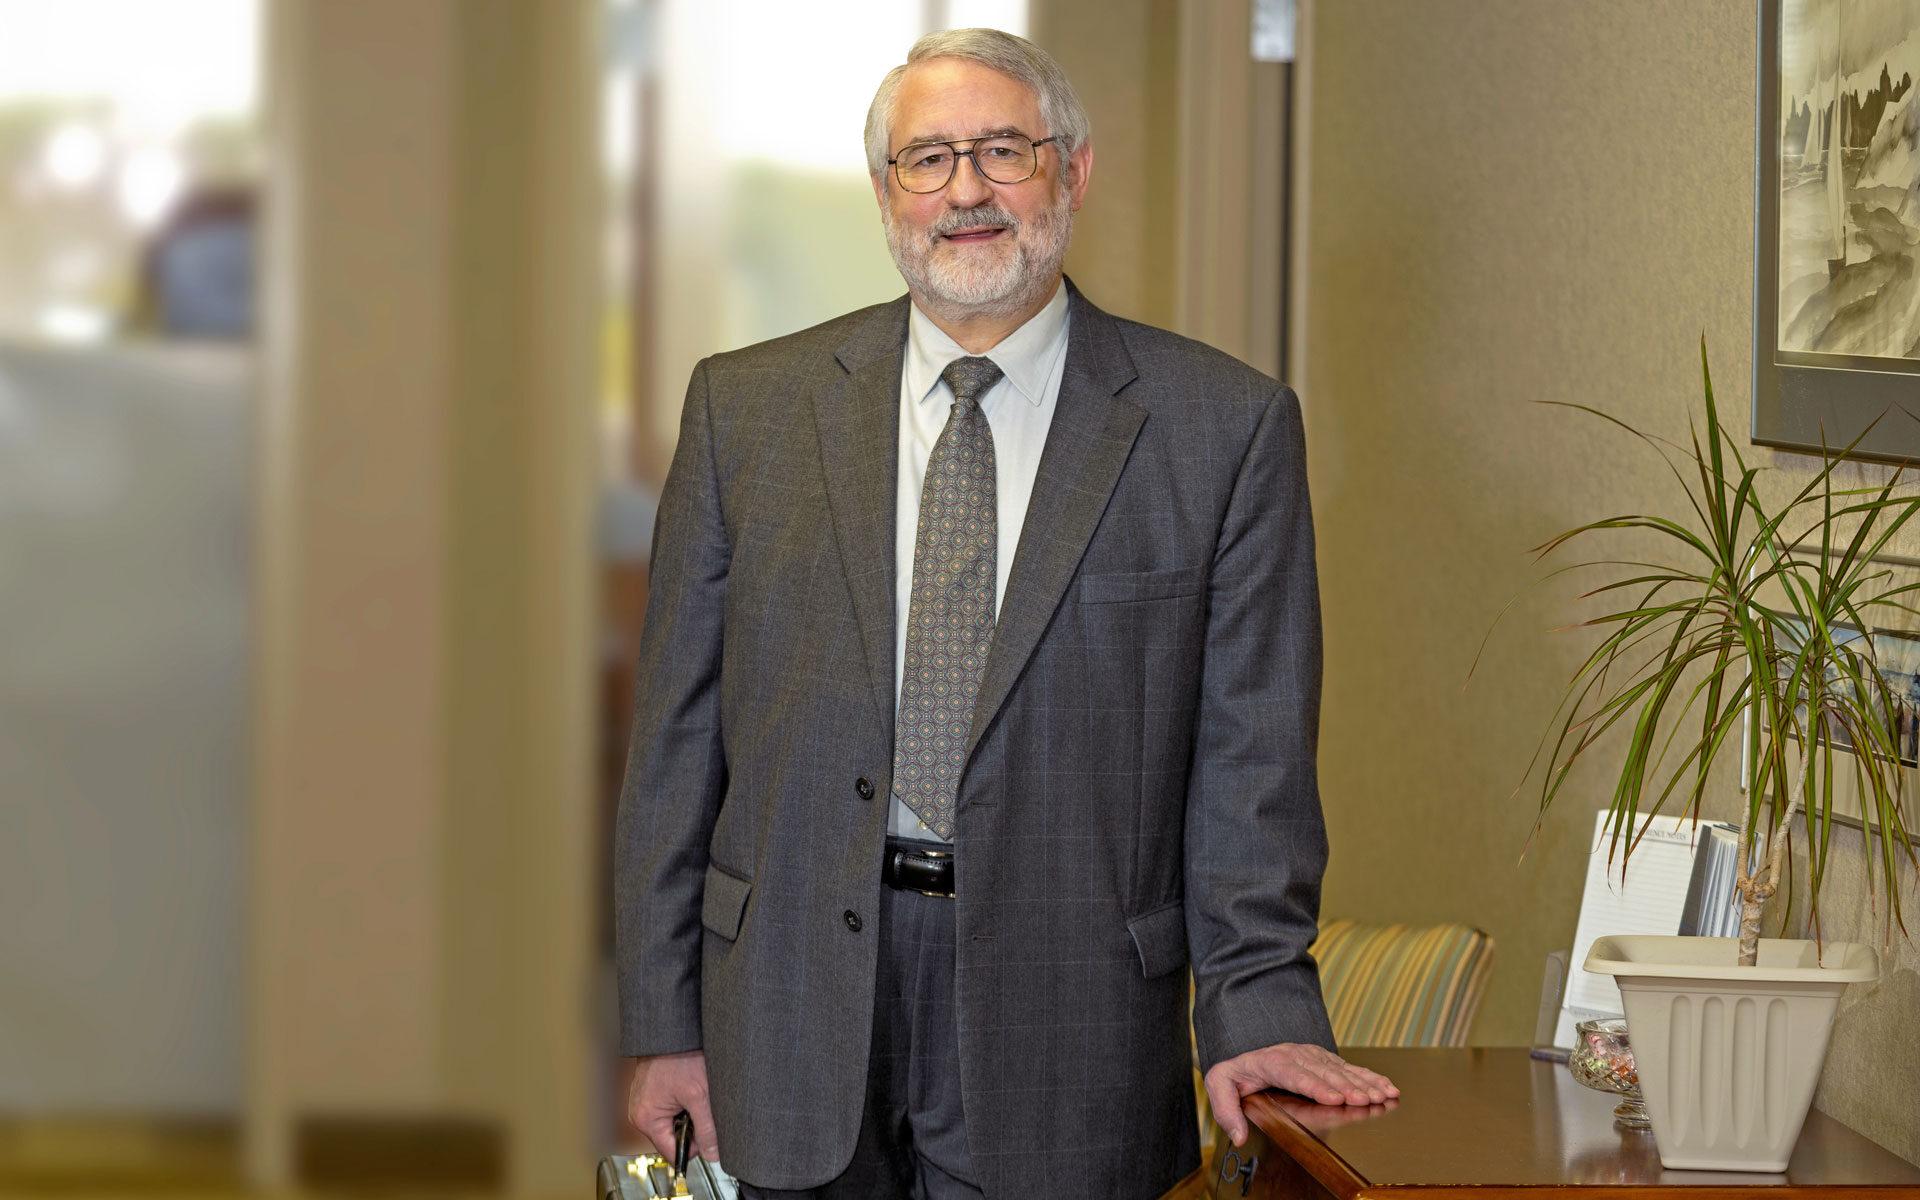 Robert G. Lev